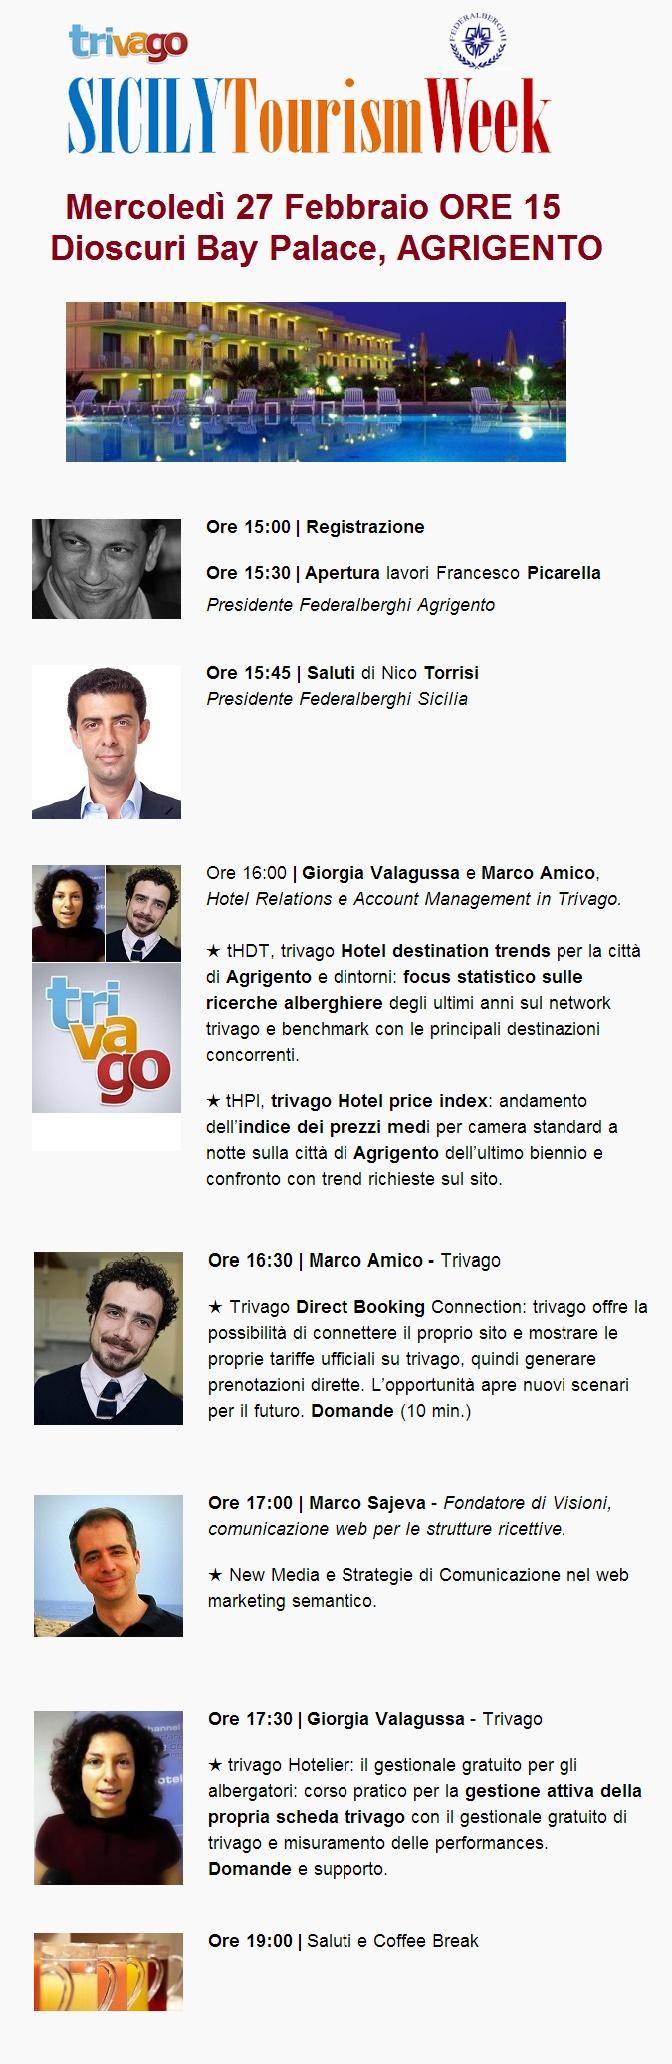 Dal 26 Febbraio al 1 Marzo 2013, Federalberghi Sicilia parteciperà alla Sicily Tourism Week, un tour formativo in cui Trivago, il portale europeo di ricerca e confronto prezzi di hotel gratuito, incontrerà gli albergatori siciliani: http://federalberghiagrigento.it/sicily-tourism-week-ad-agrigento-trivago-con-federalberghi-web-marketing-turistico-e-reputazione-online/